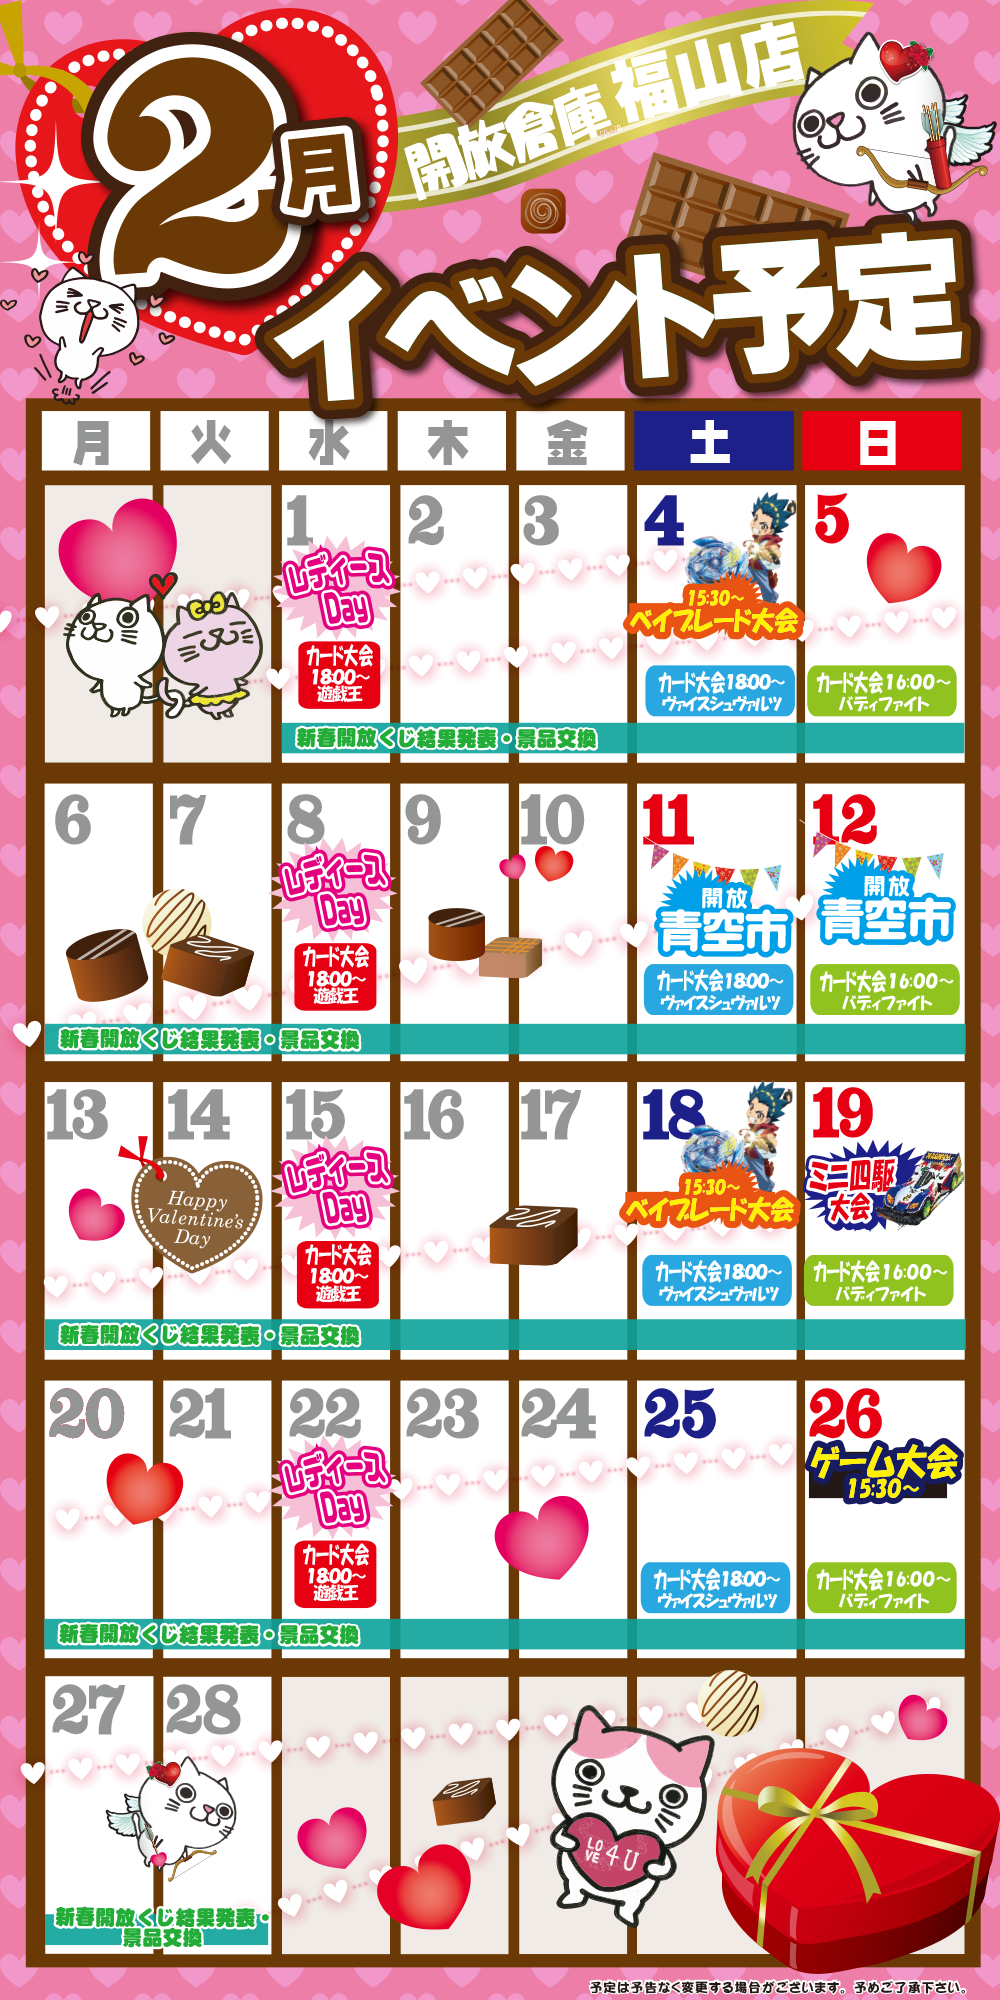 「開放倉庫福山店」2017年2月福山店のイベントカレンダー!